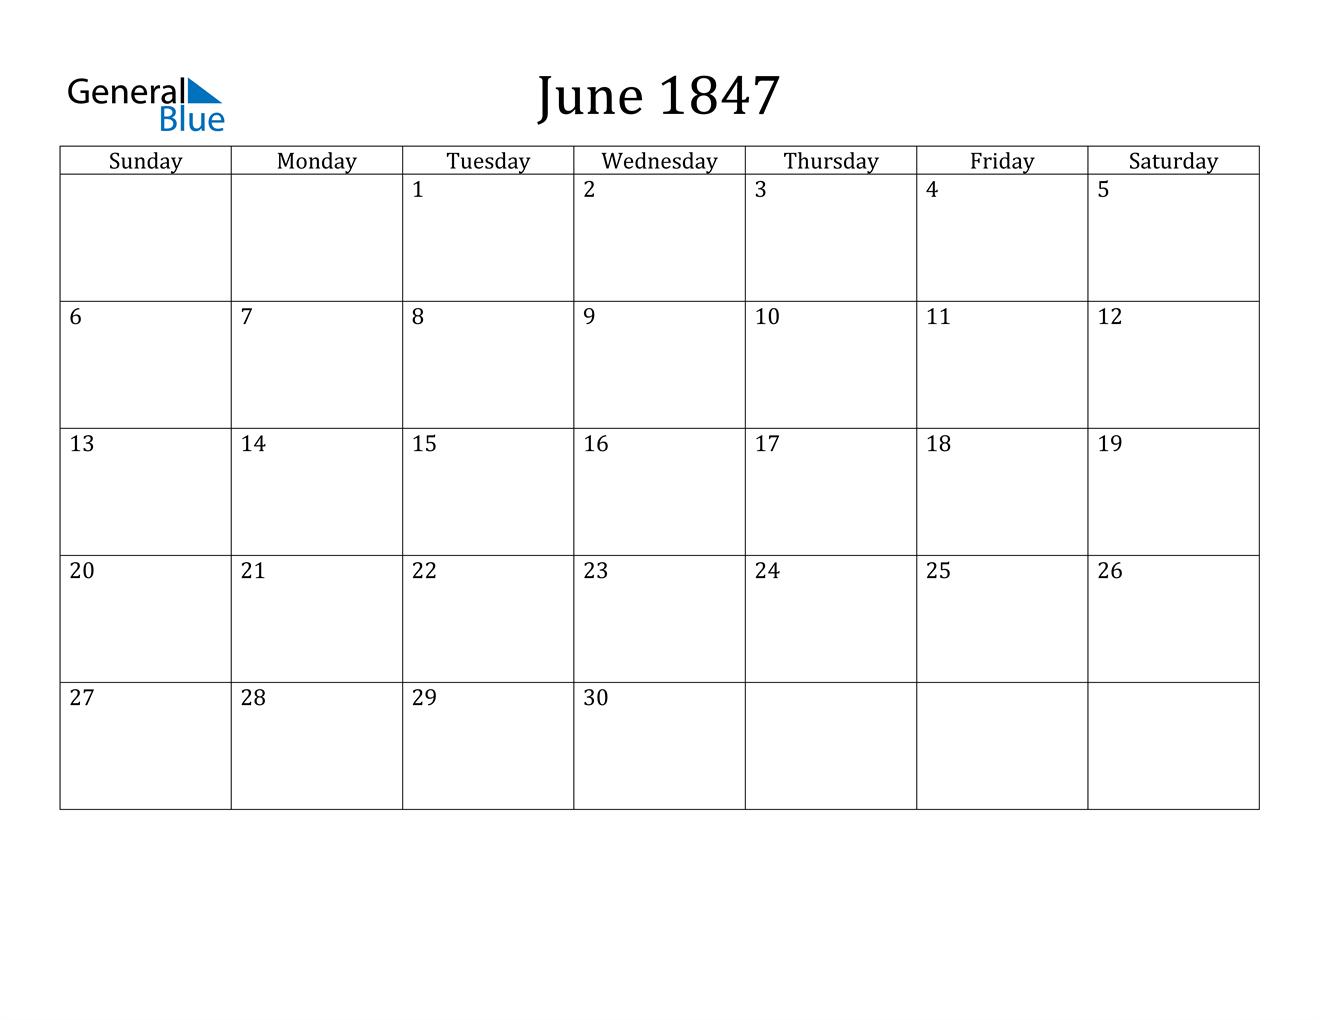 Image of June 1847 Calendar